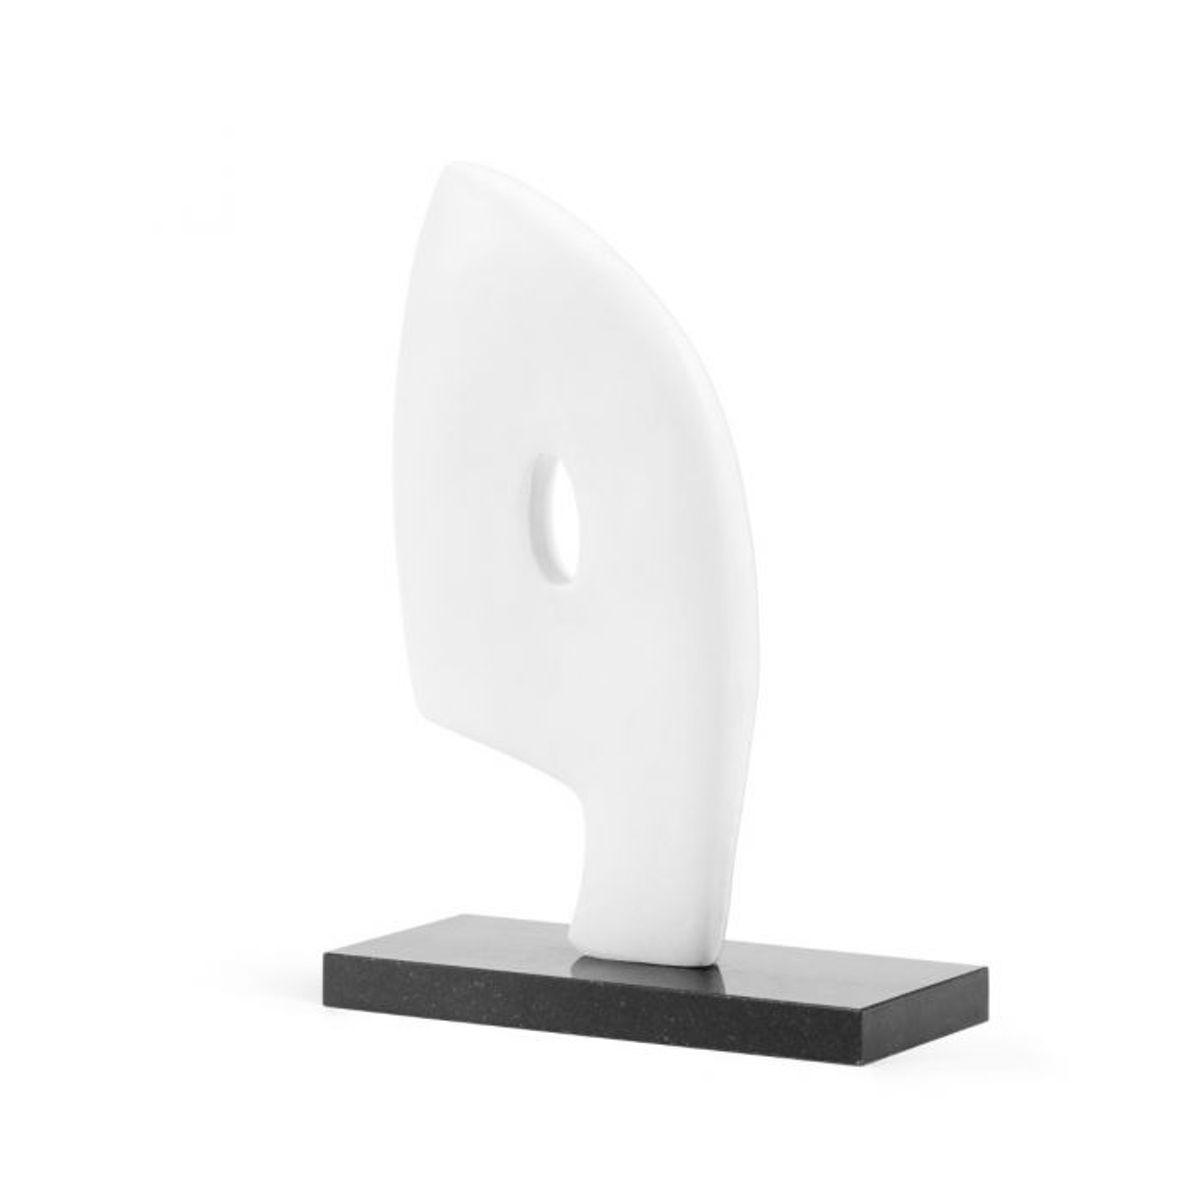 Eckhard Large Statue, White